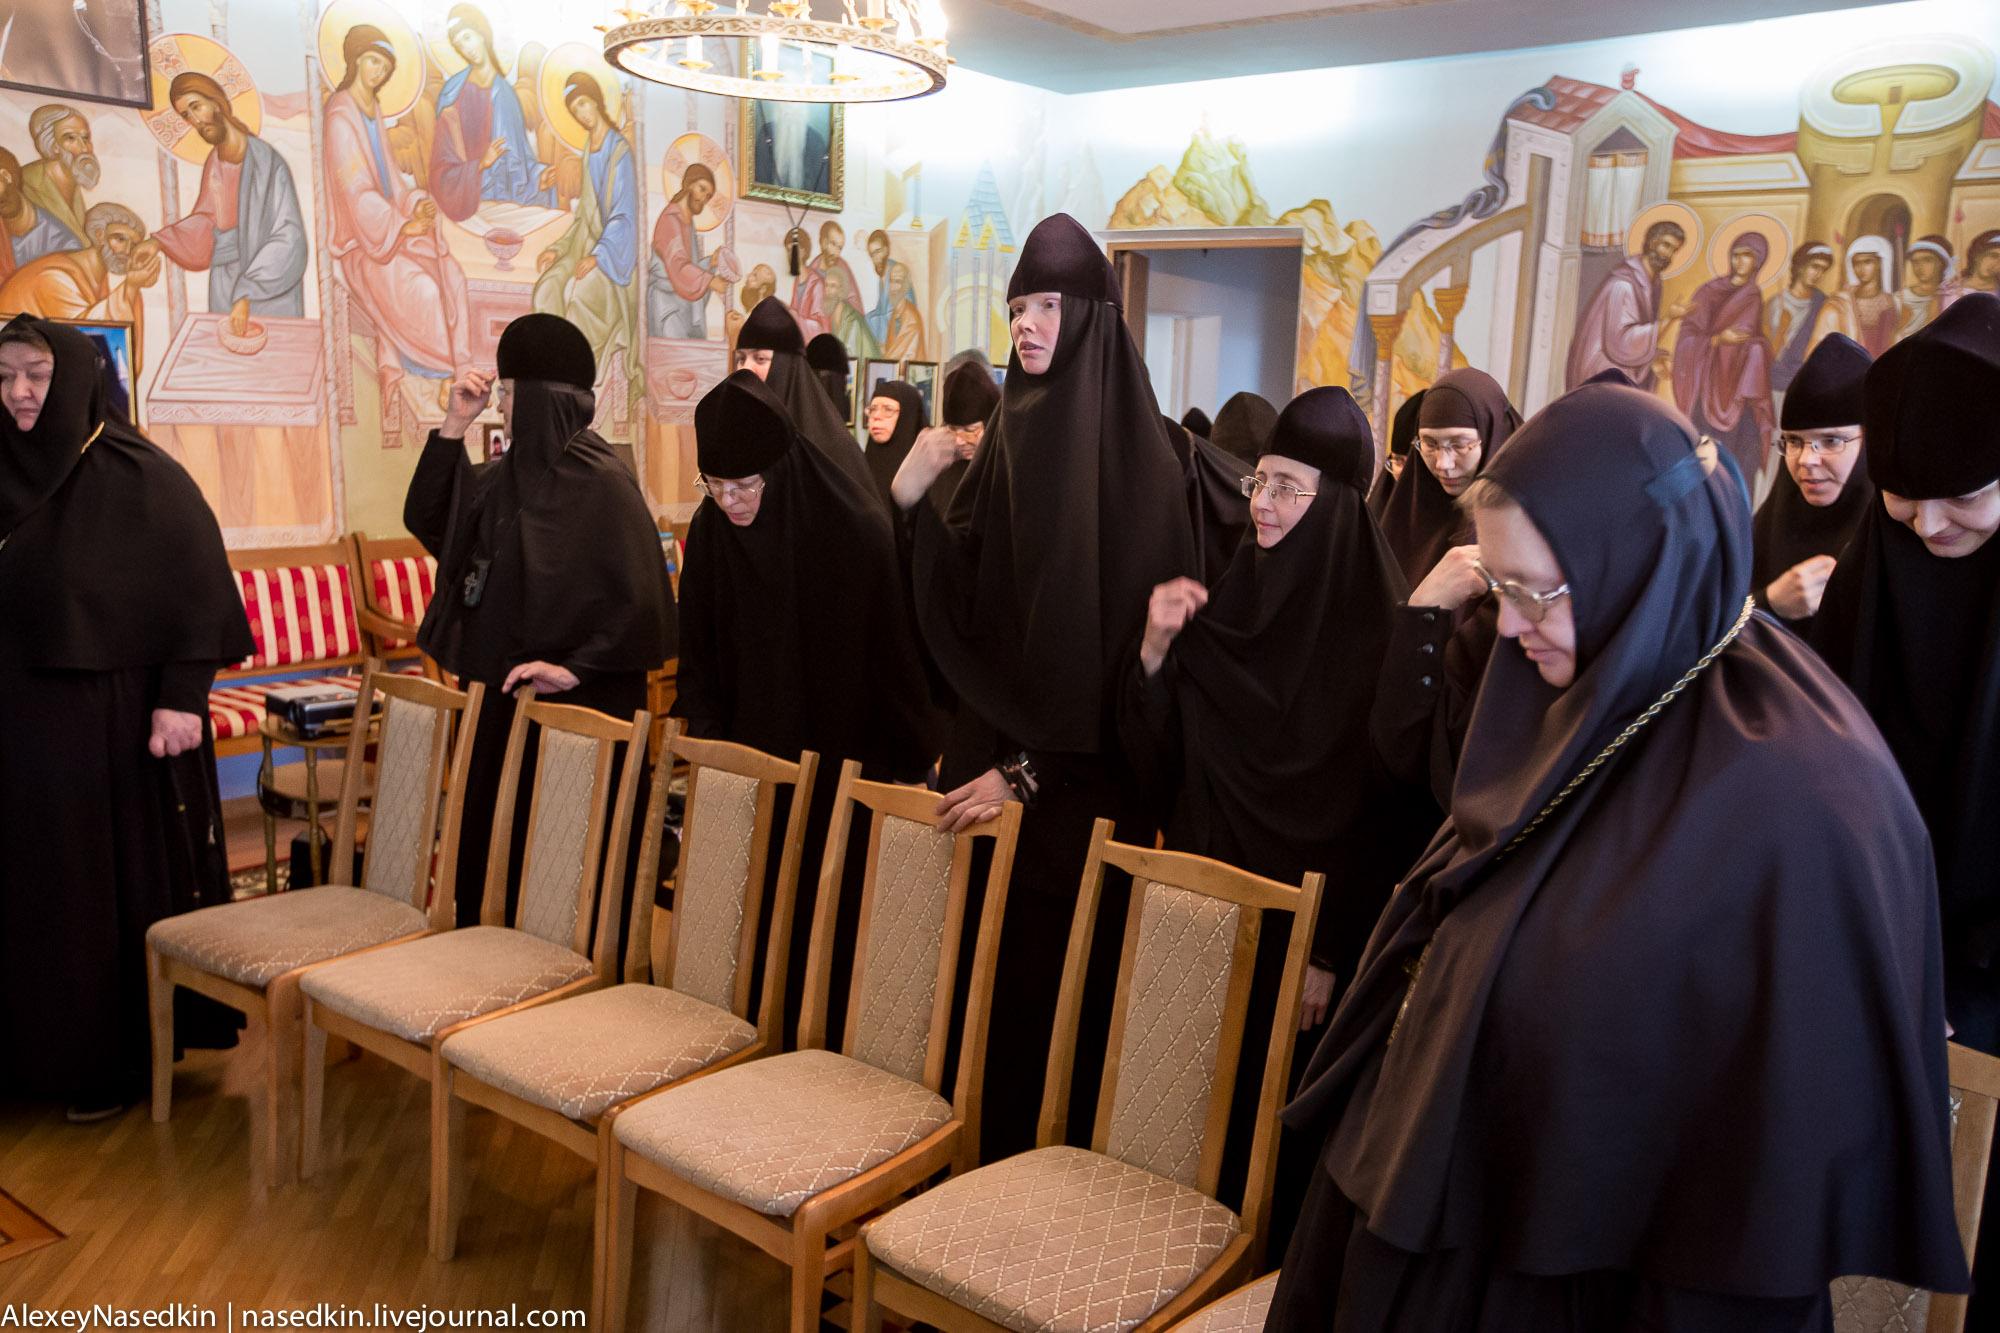 Рассказы про еблю монашек в монастыре фото 690-436